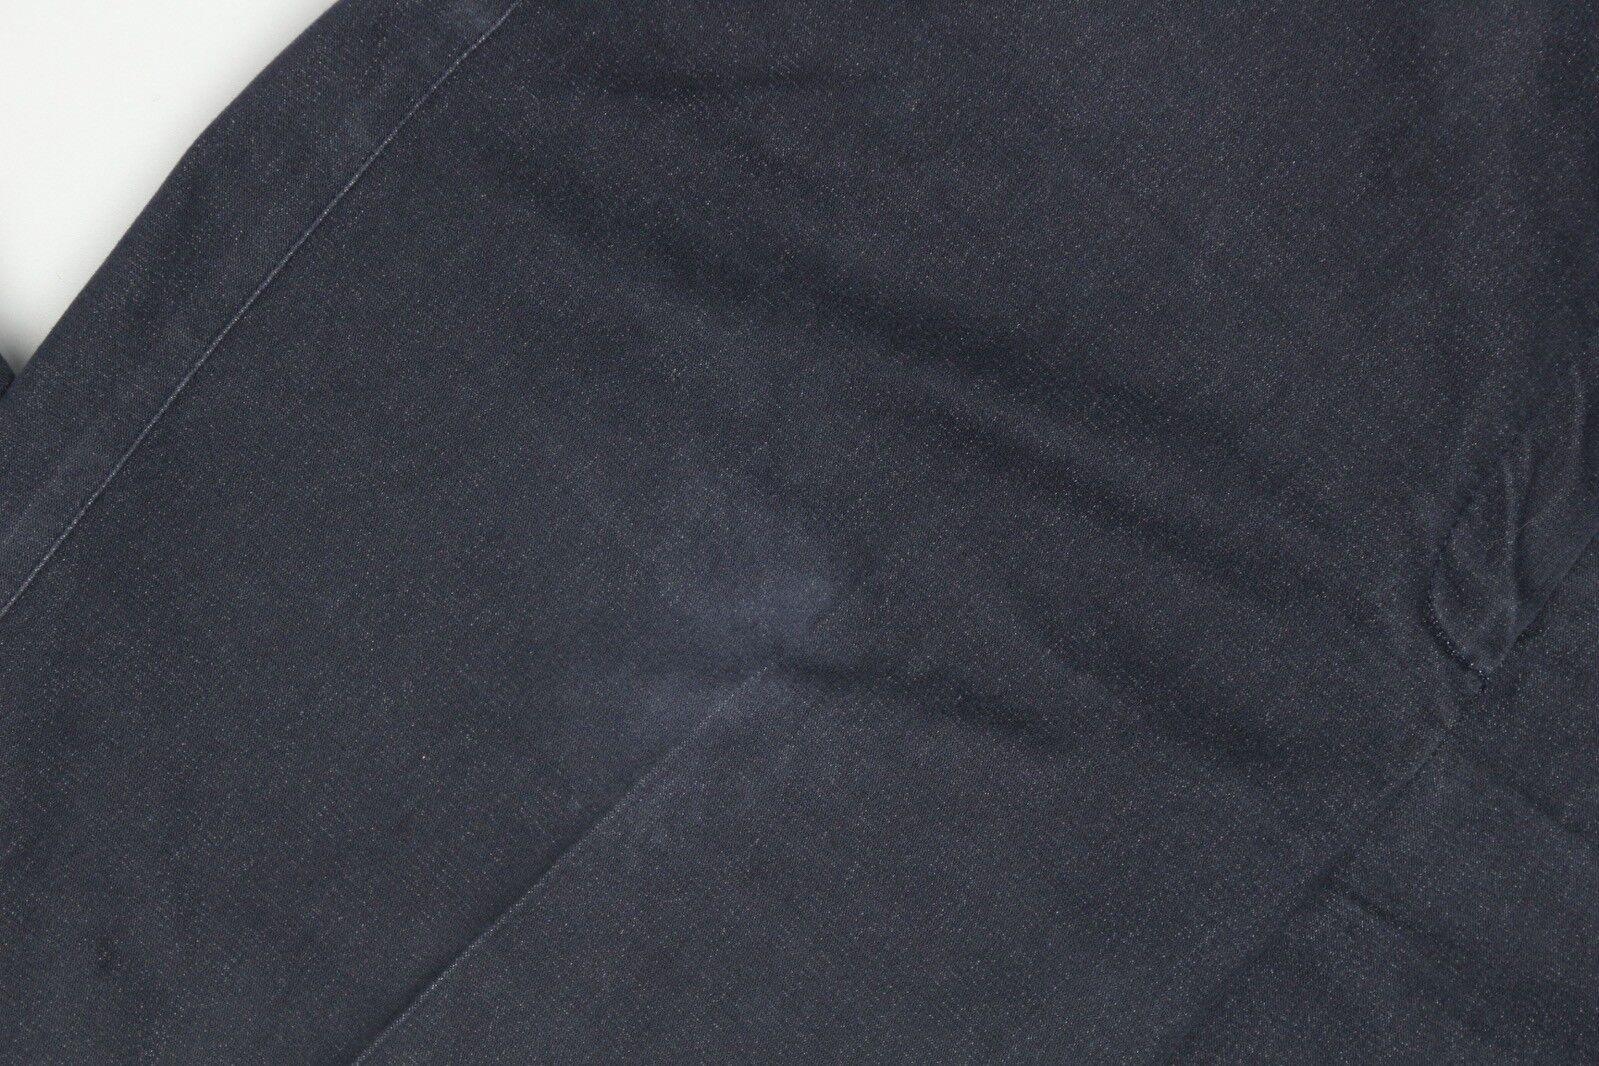 St John 5 Tasche Tasche Tasche Freizeithose Größe 12 Dunkelgrau Goldton Hardware Jeans Stil   Düsseldorf Online Shop    Wirtschaft    Meistverkaufte weltweit    Flagship-Store  42d2bd